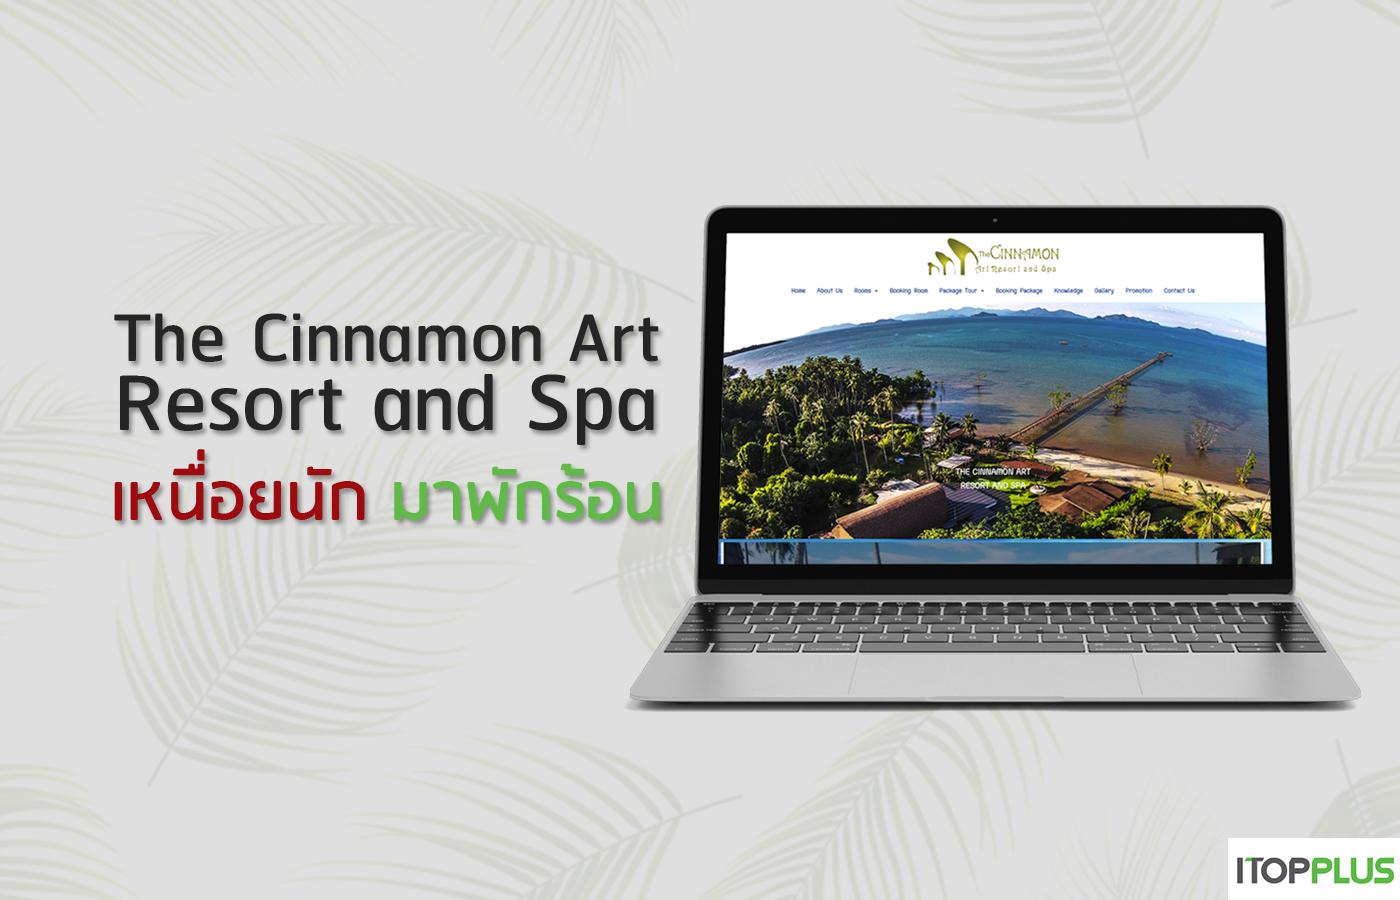 รีวิวเว็บ The Cinnamon Art Resort and Spa เหนื่อยนัก มาพักร้อน